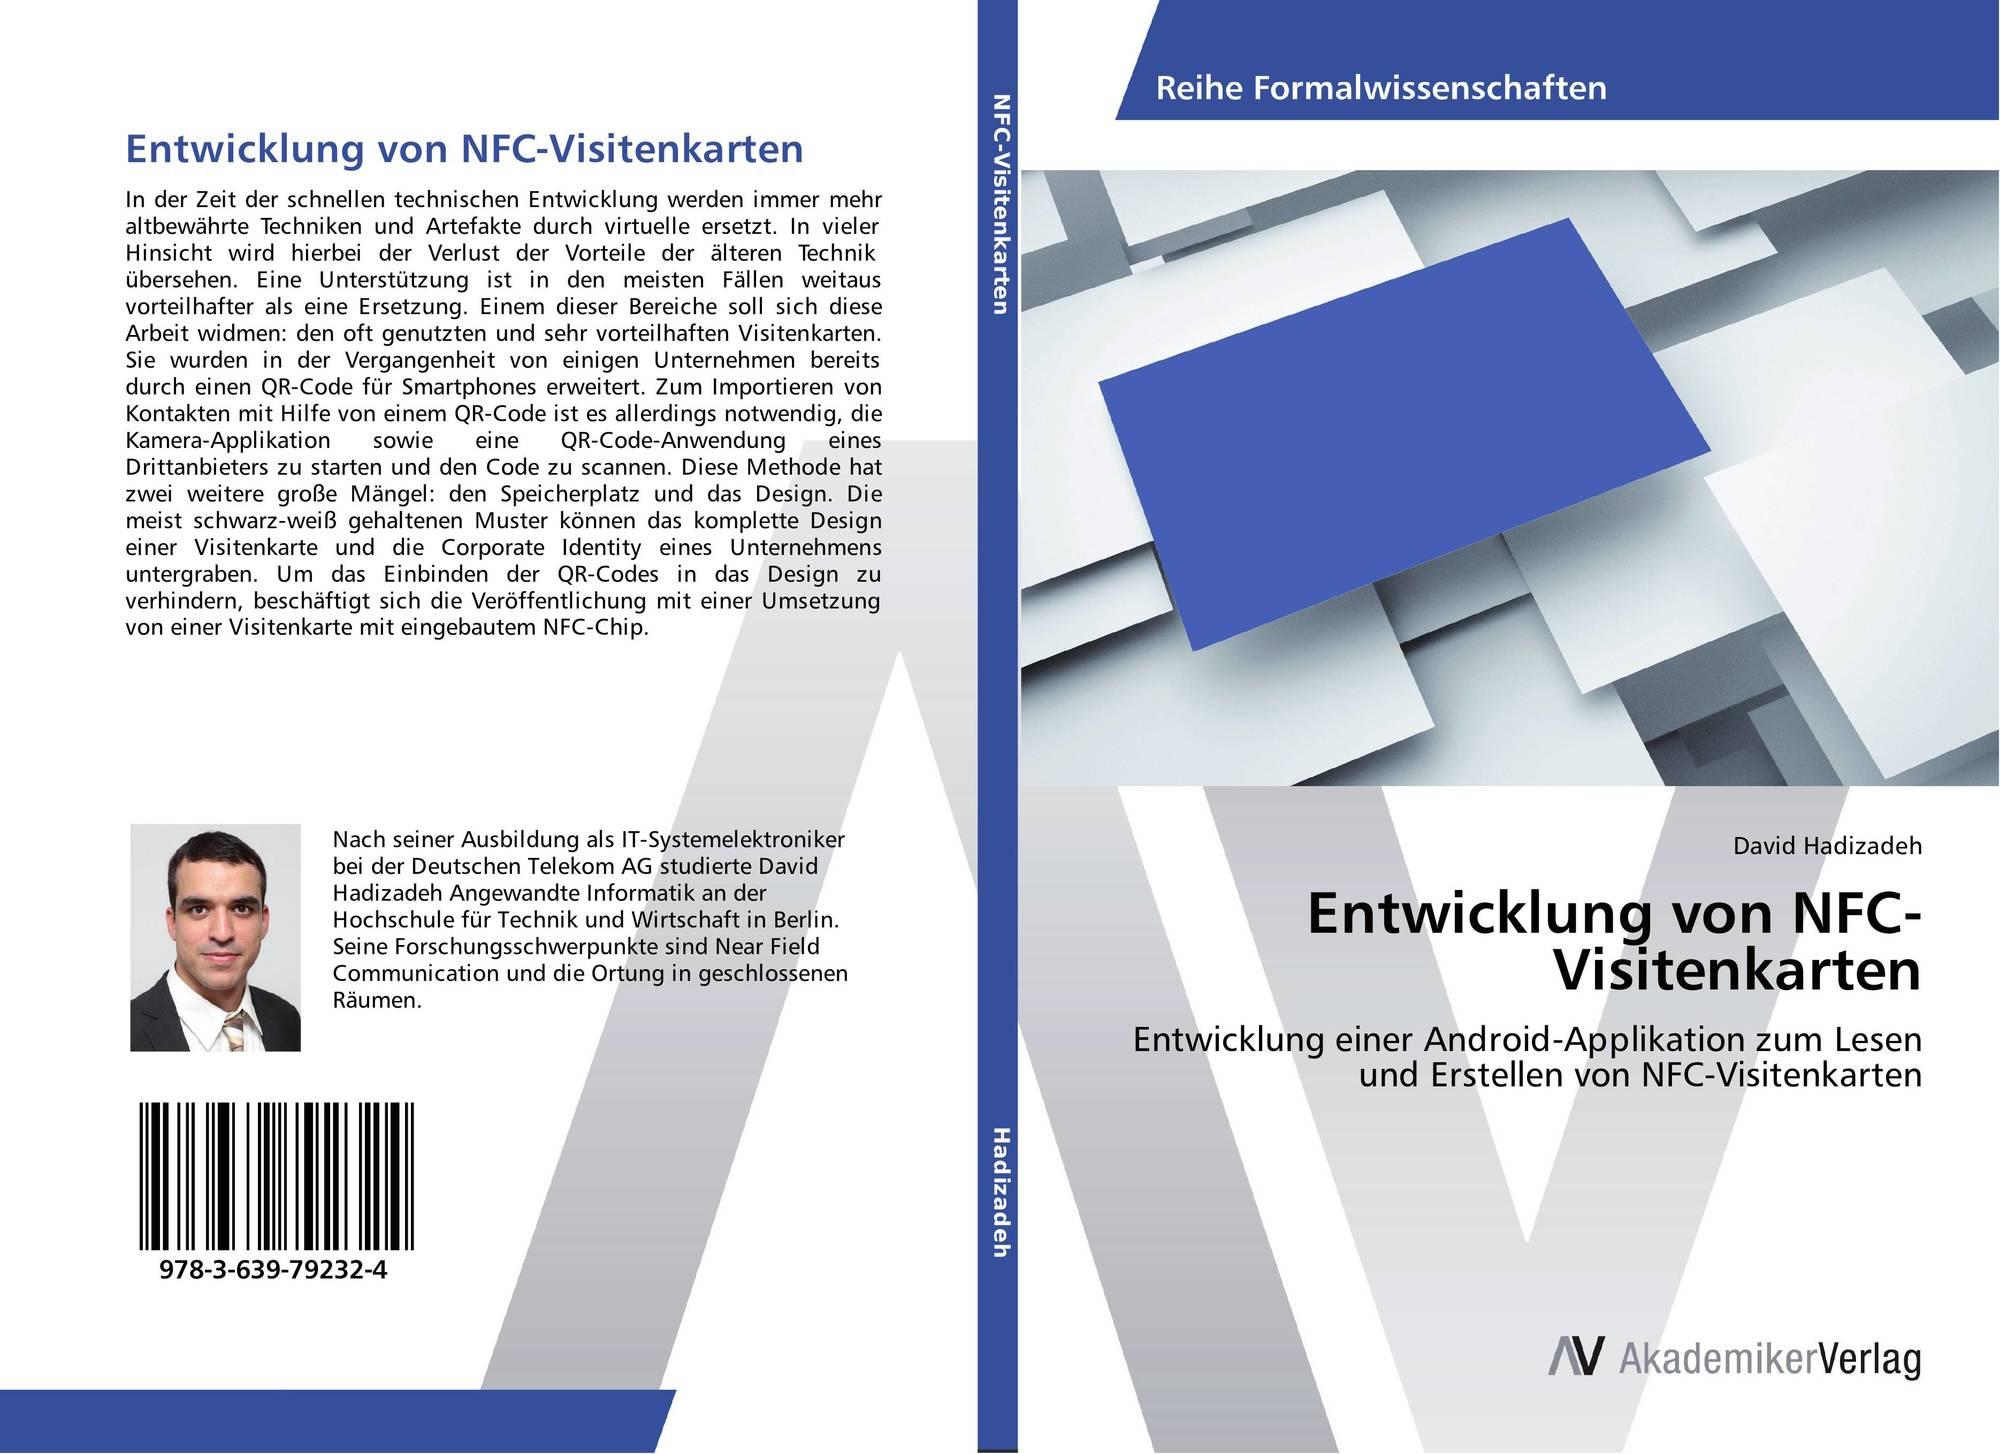 Entwicklung Von Nfc Visitenkarten 978 3 639 79232 4